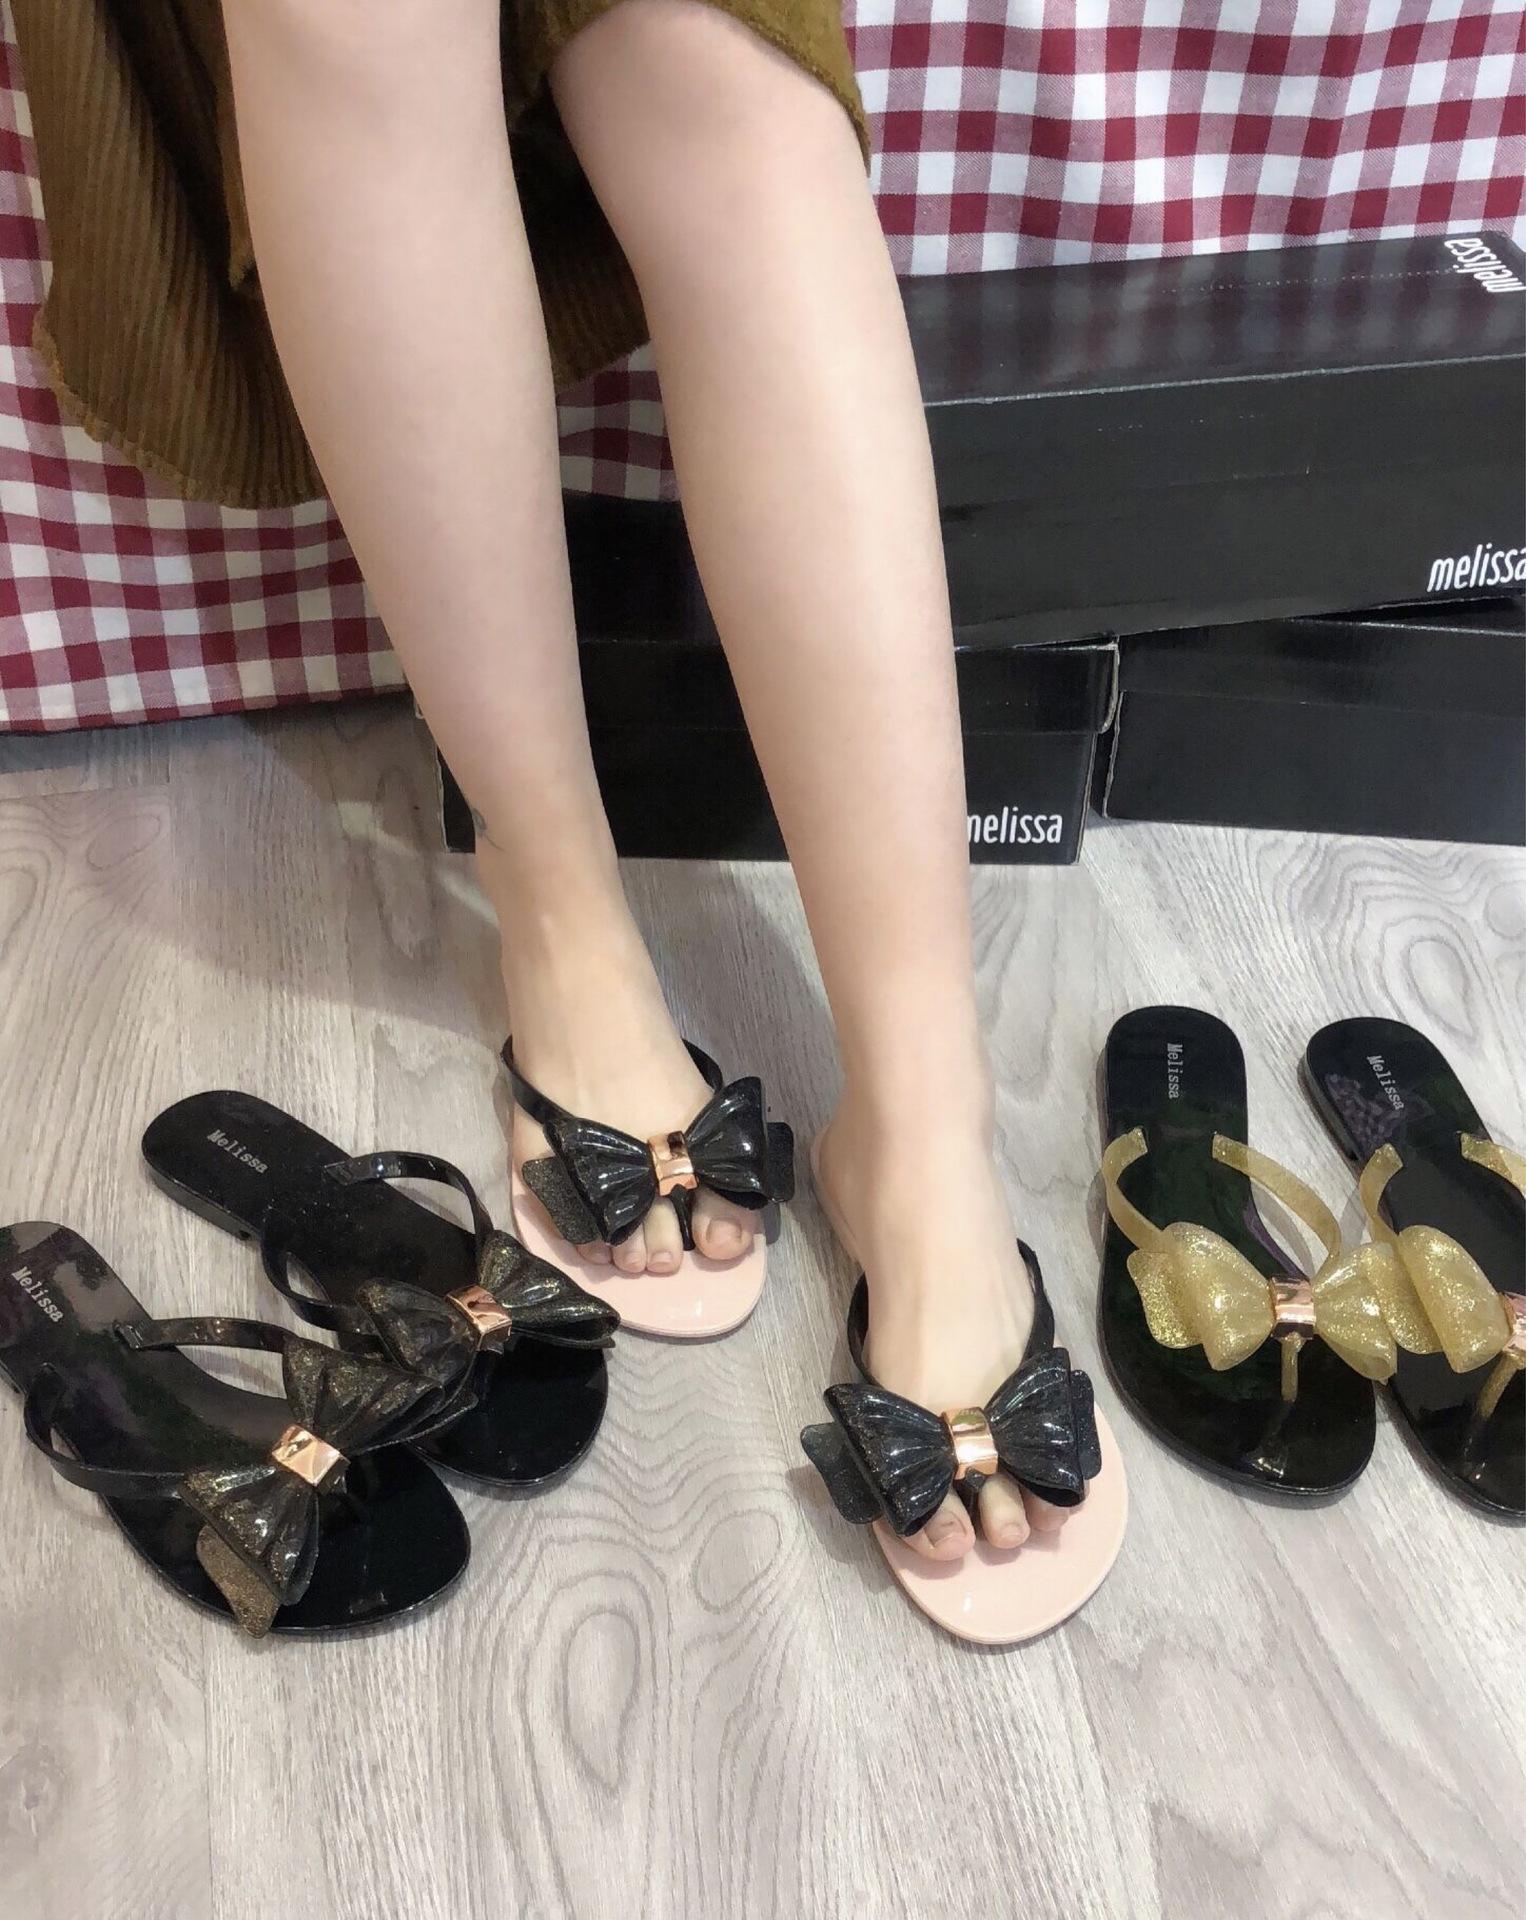 新款梅丽莎同款闪亮粉超大蝴蝶结夹脚凉鞋果冻鞋小香鞋沙滩鞋